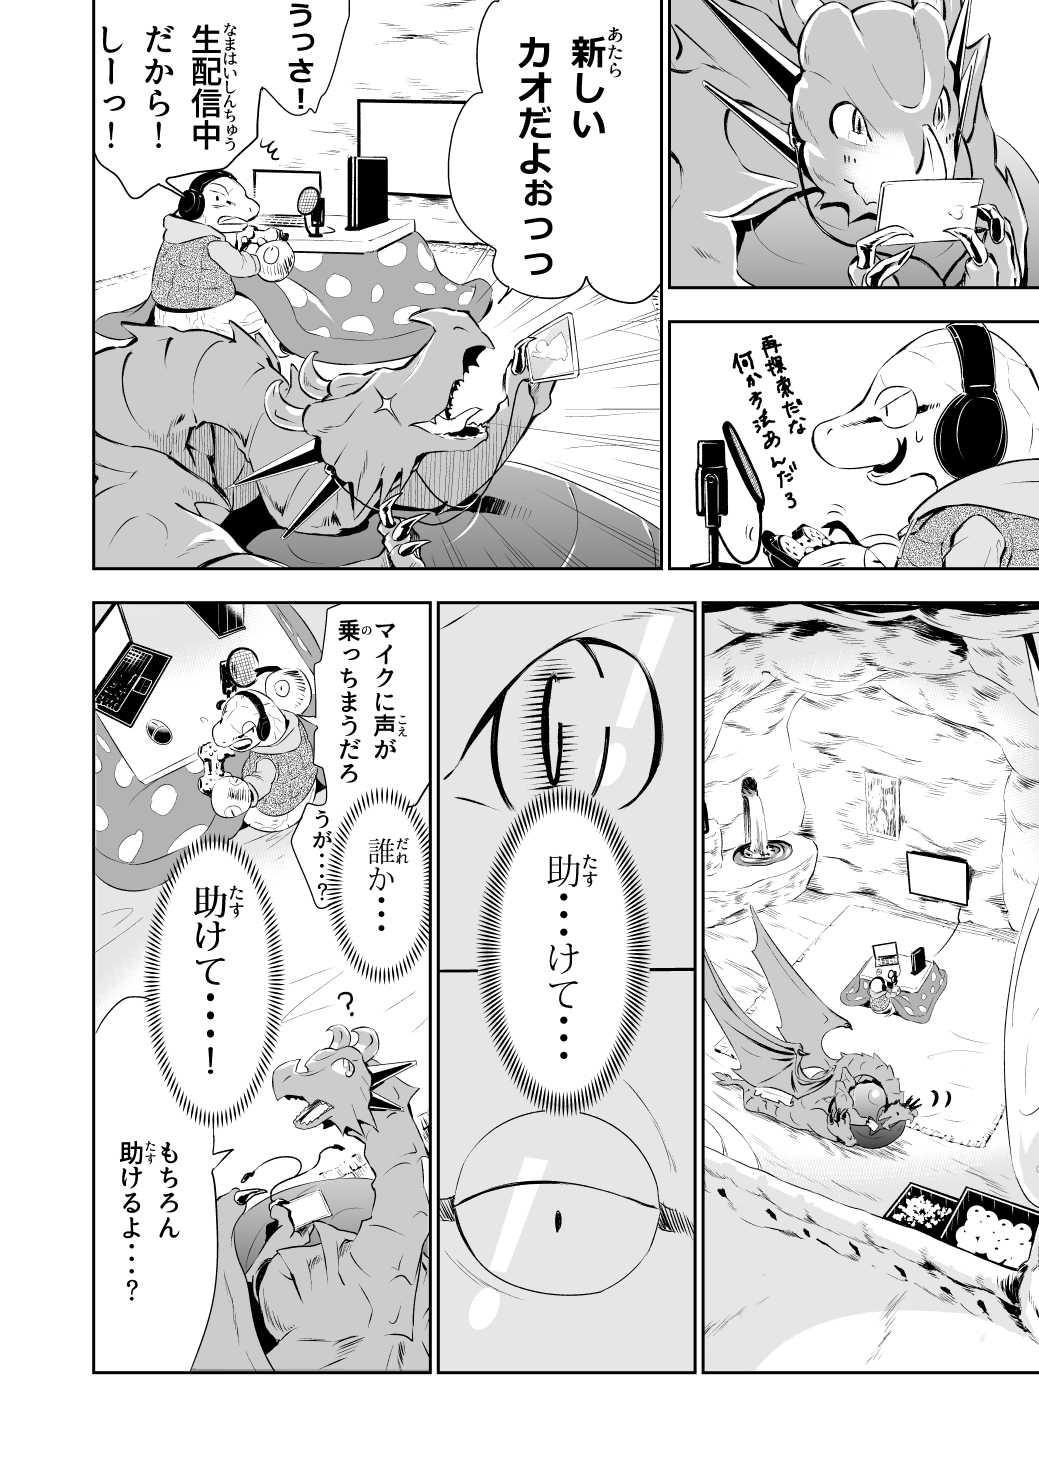 インターン召喚獣_007.jpg